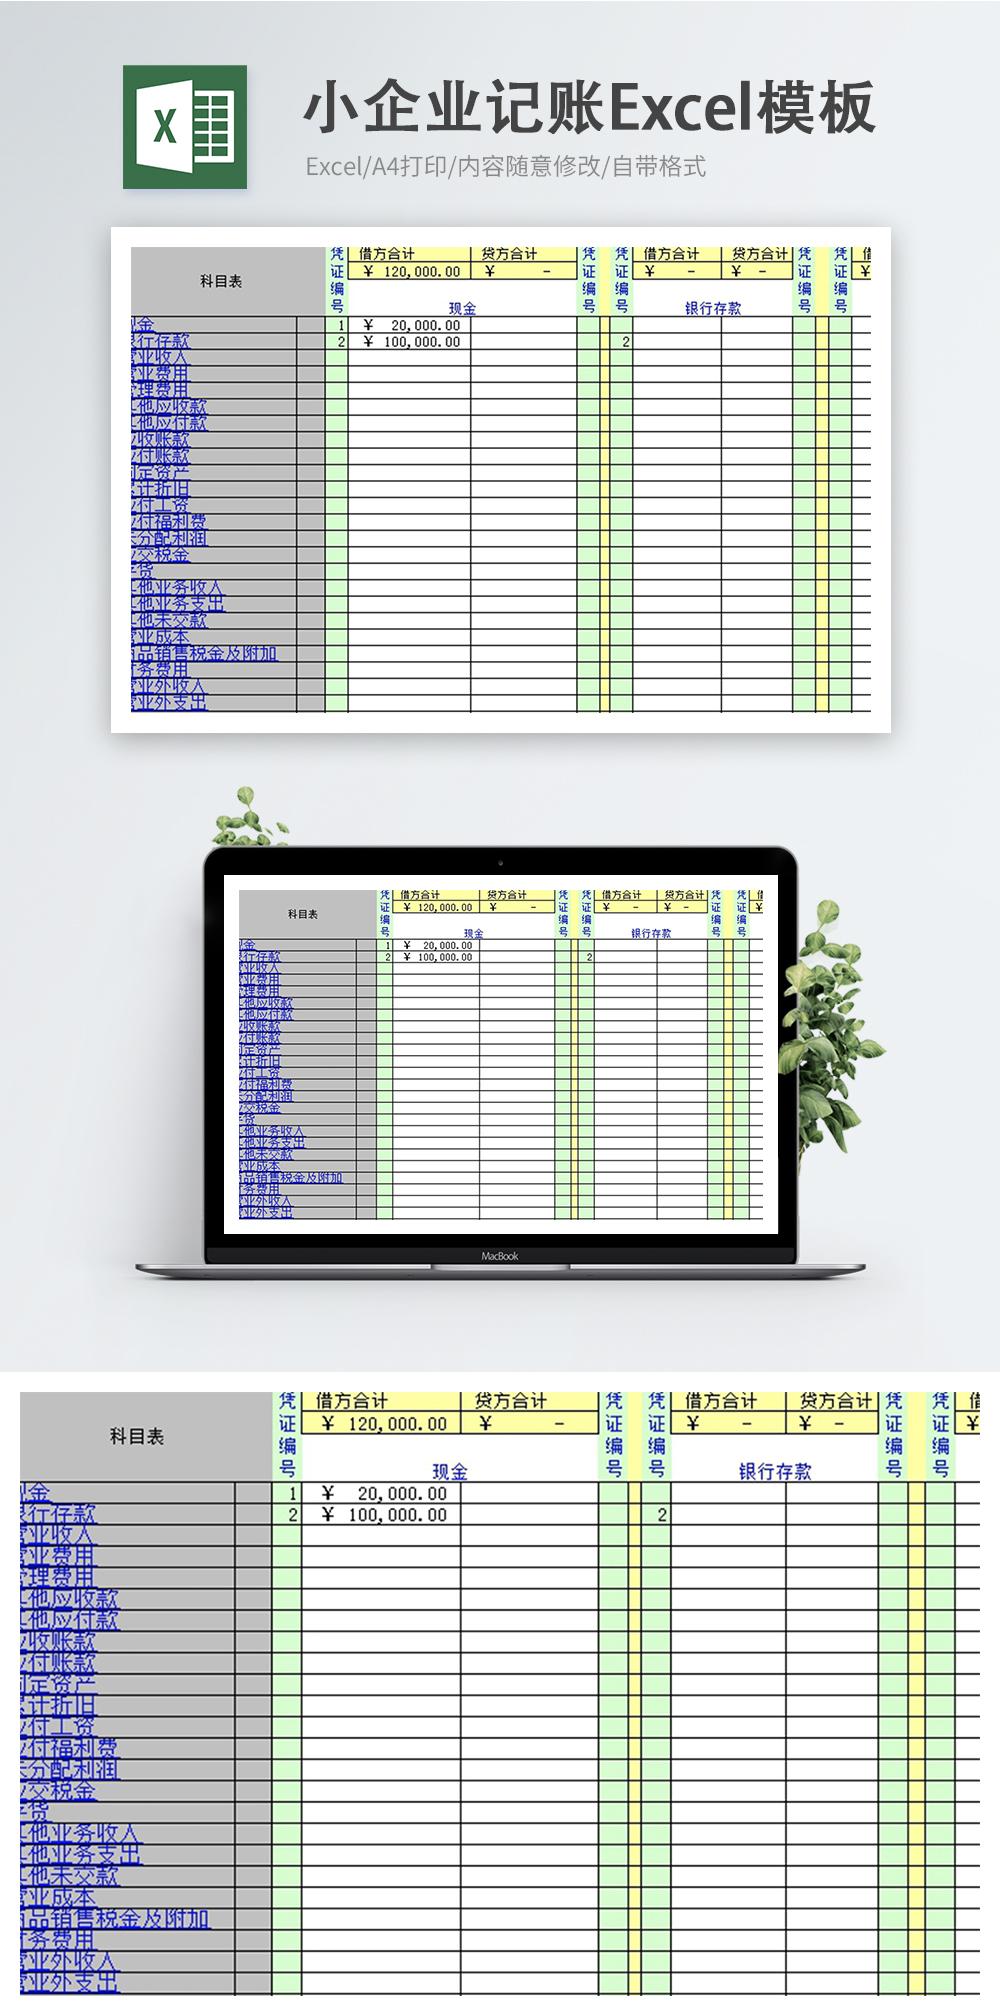 Templat Perakaunan Perniagaan Kecil Excel Muat Turun Percuma Spreadsheet 400157108 My Lovepik Com Xls